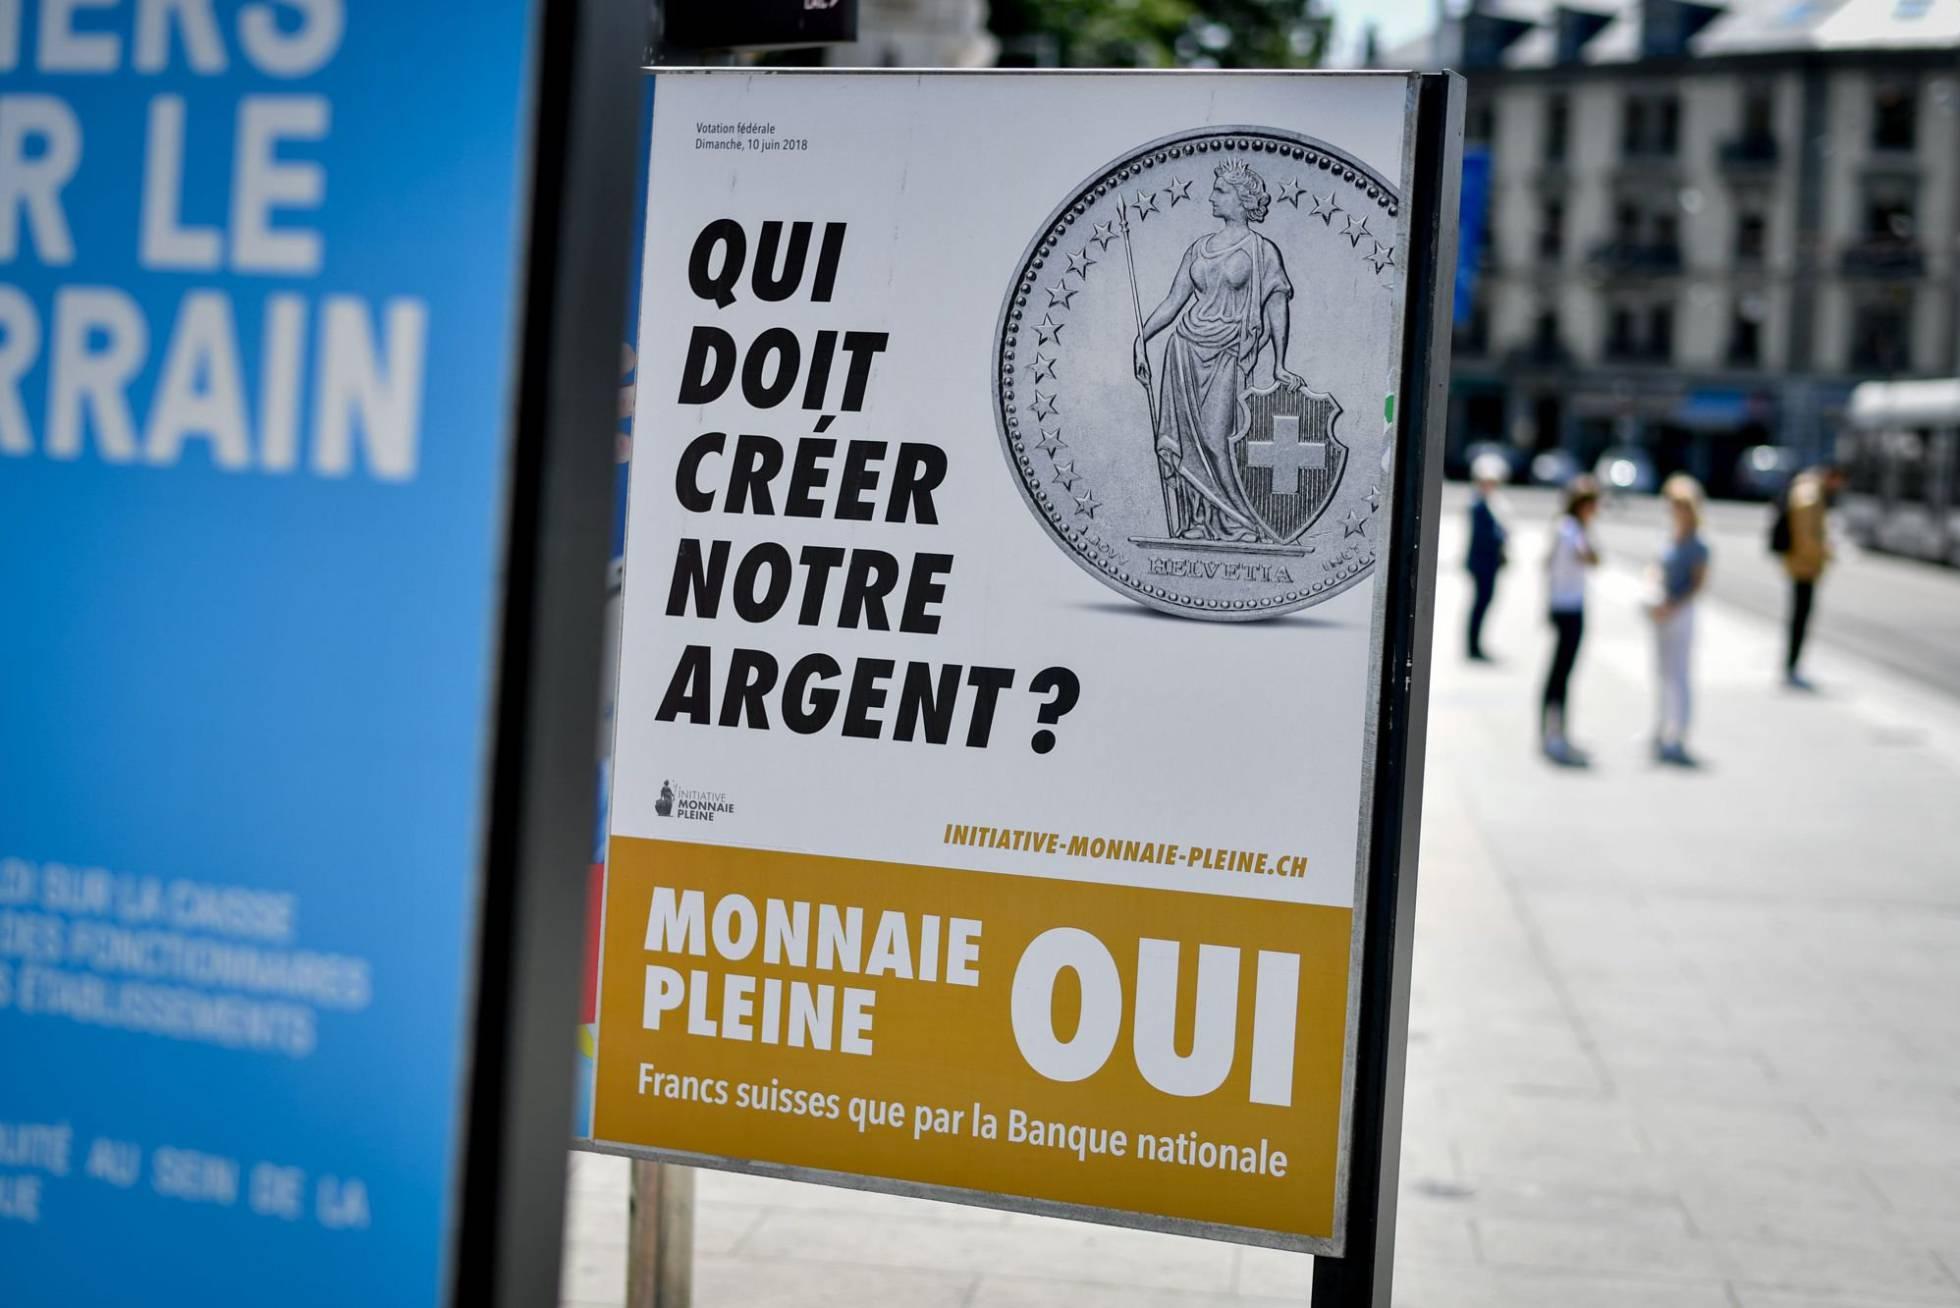 Suiza: Democracia directa y elecciones. 1528644117_554298_1528644675_noticia_normal_recorte1